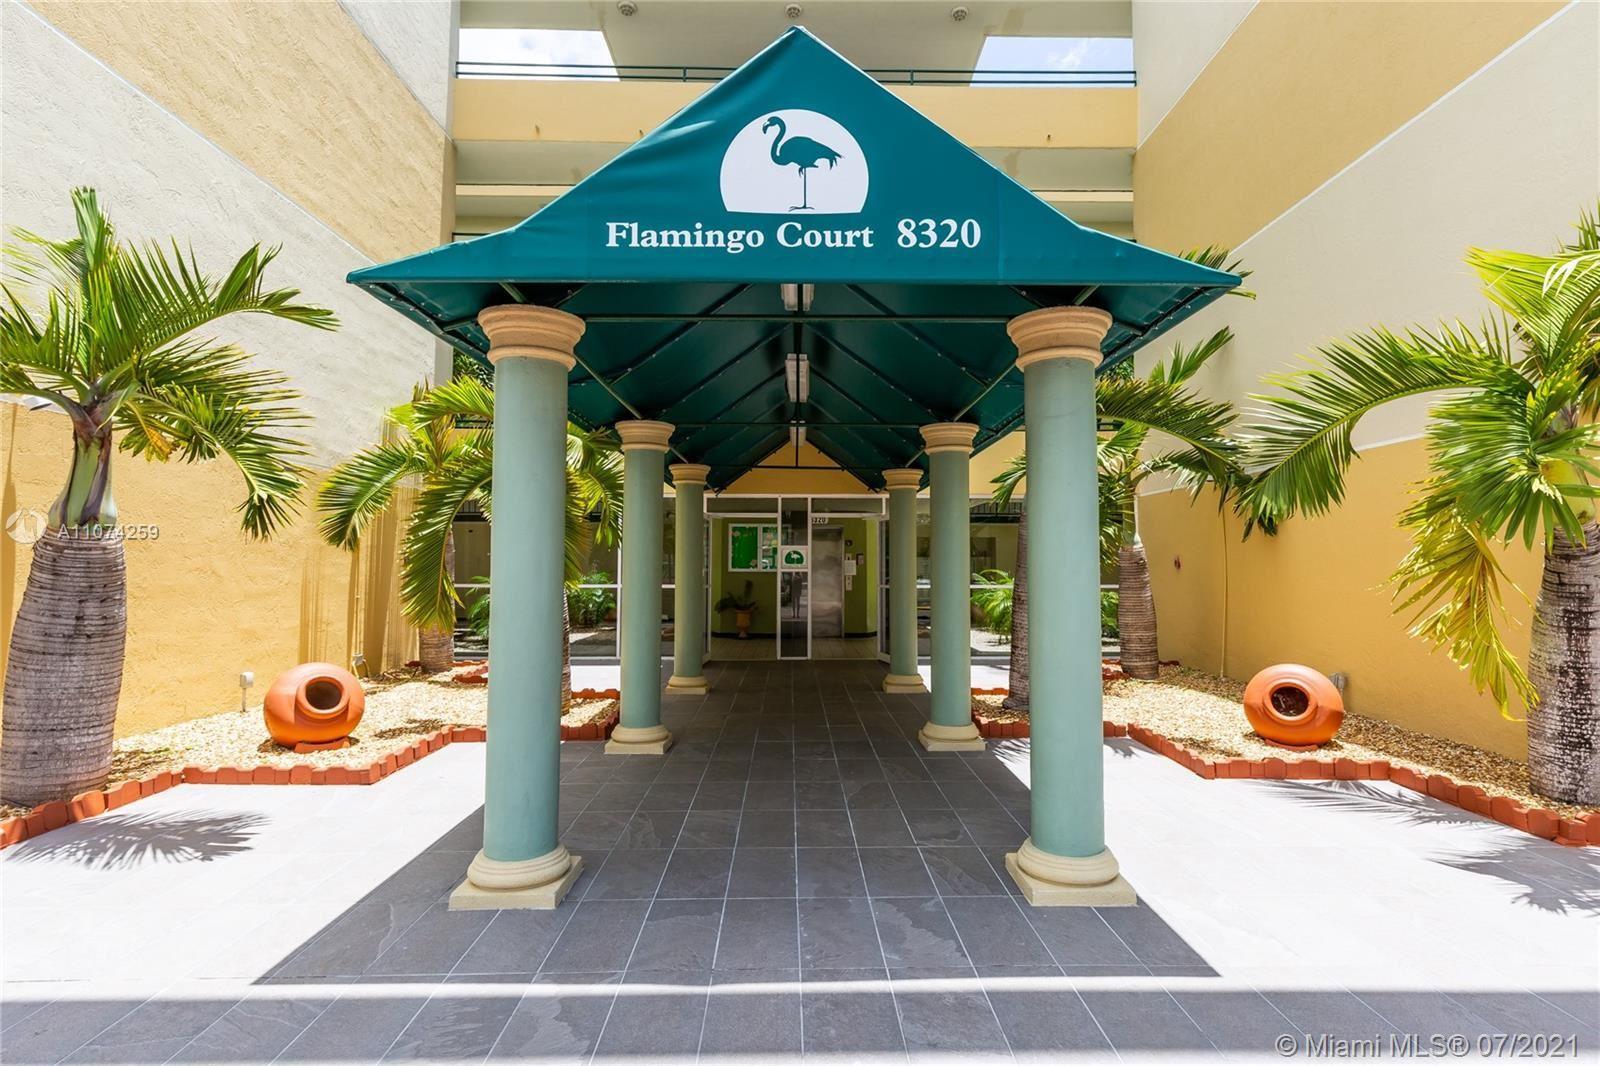 8320 NW 8th St #2-105, Miami, FL 33126 - #: A11074259